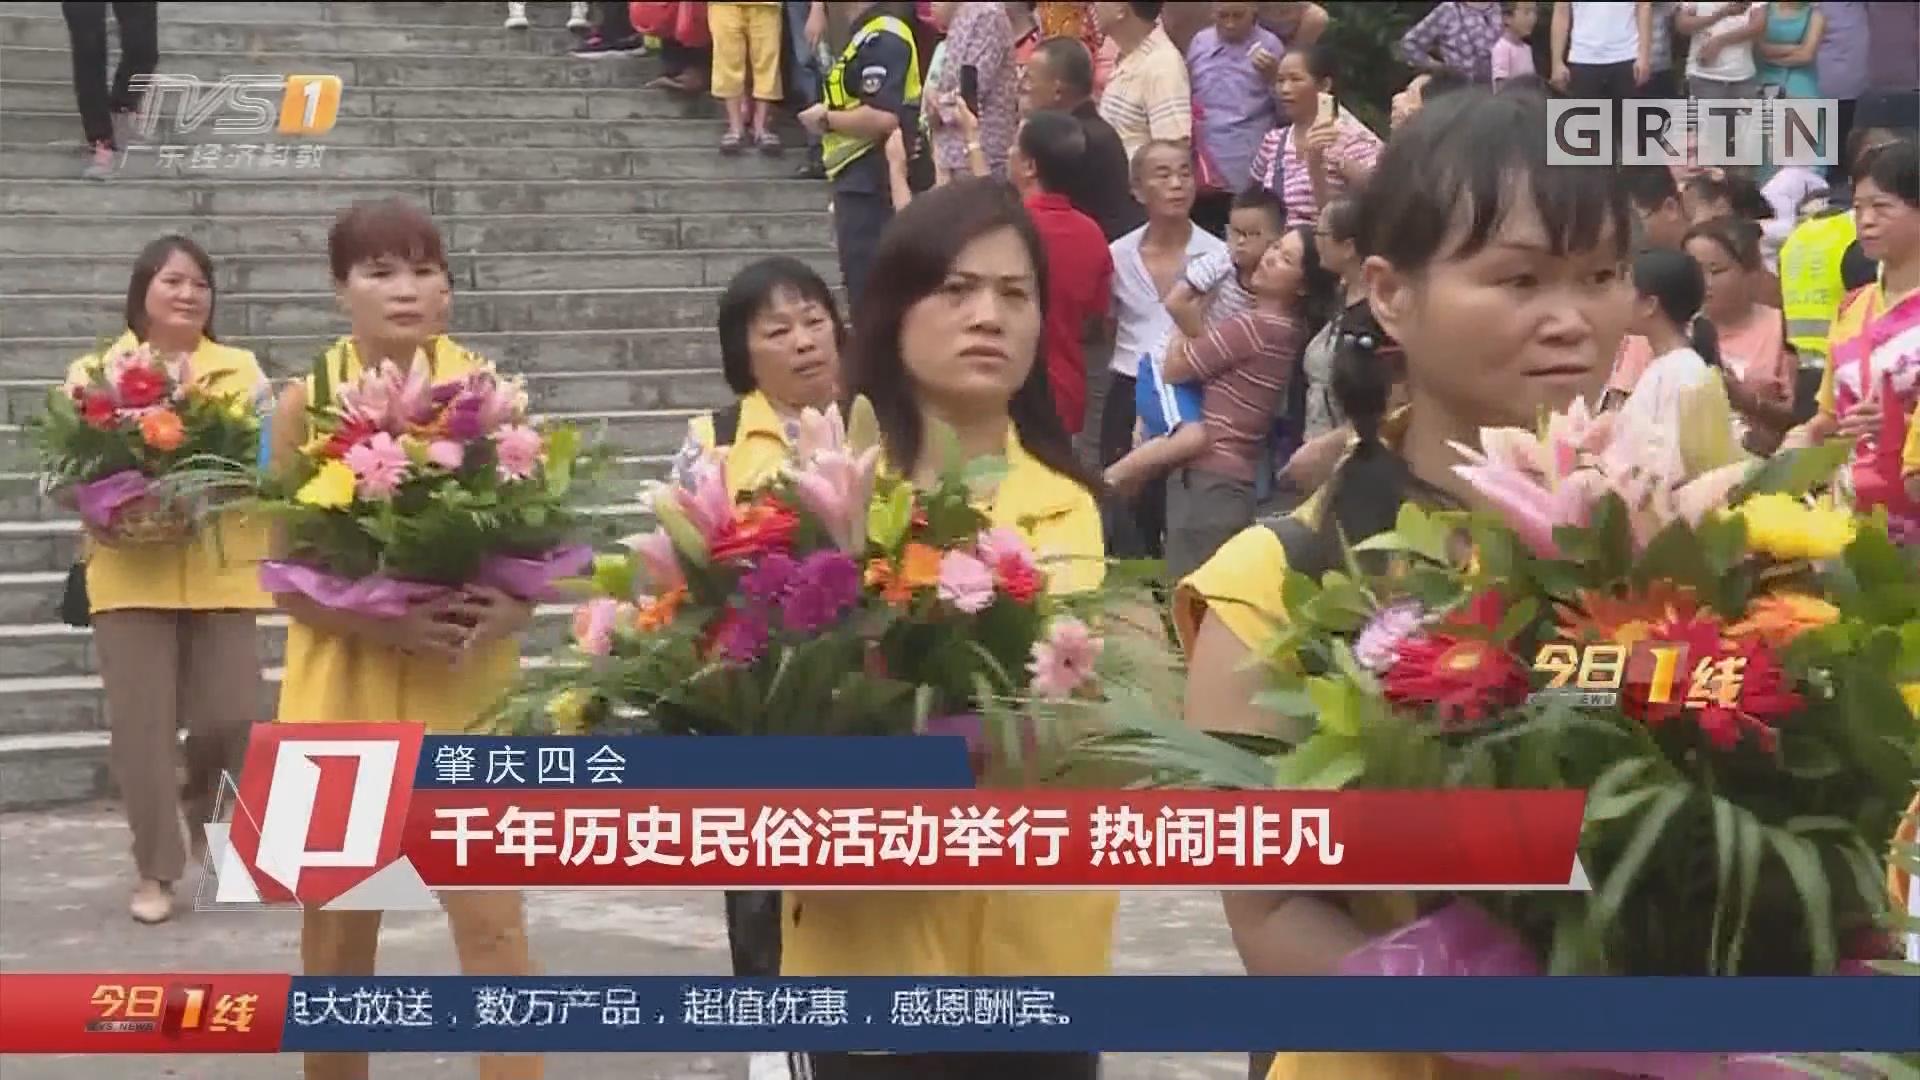 肇庆四会:千年历史民俗活动举行 热闹非凡